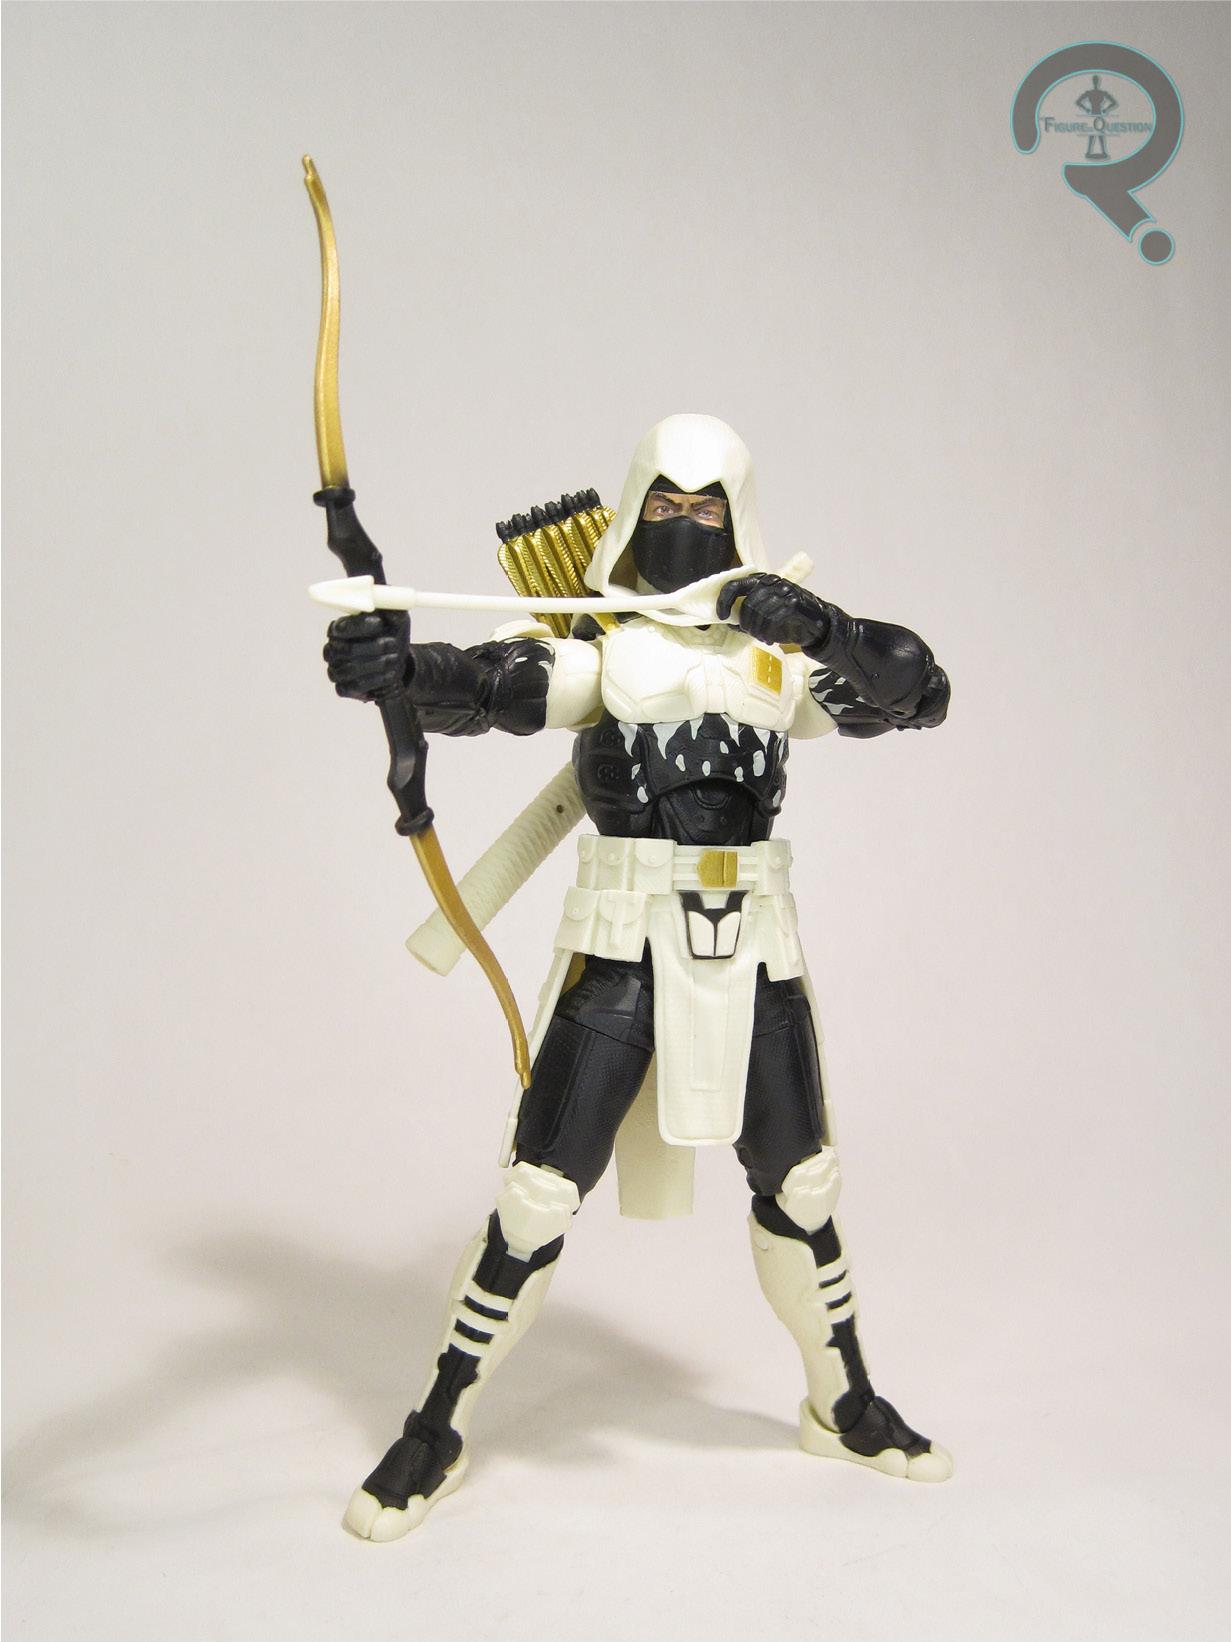 GI Joe Weapon Storm Shadow Backpack 2002 Original Figure Accessory